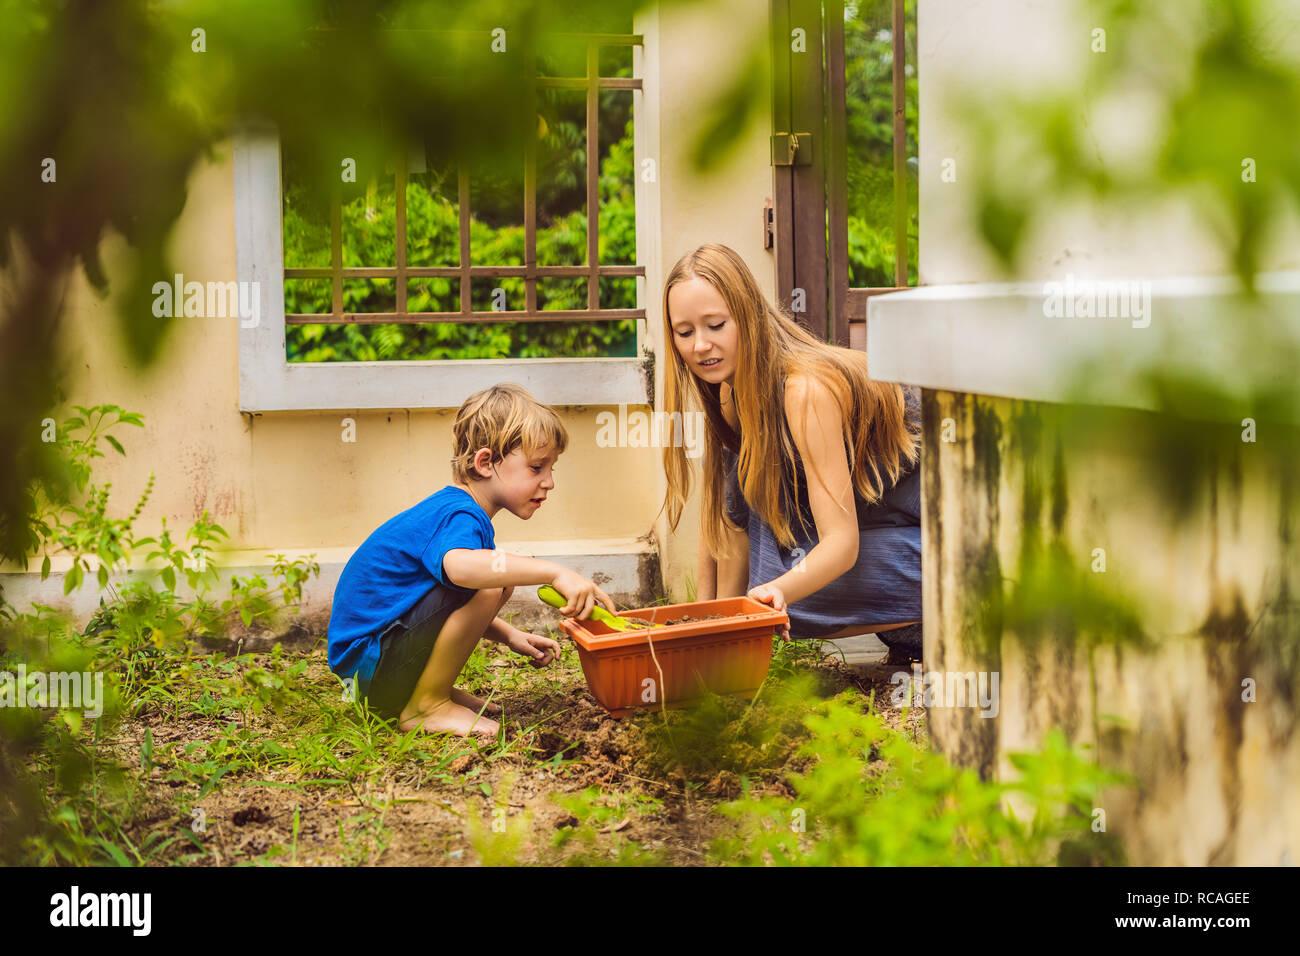 Hermosa joven y su lindo hijo sembrando plántulas en cama en el jardín interno en el día de verano. Herramientas de jardinería, guantes y regadera al aire libre. Actividad de jardinería con chico y familia Foto de stock